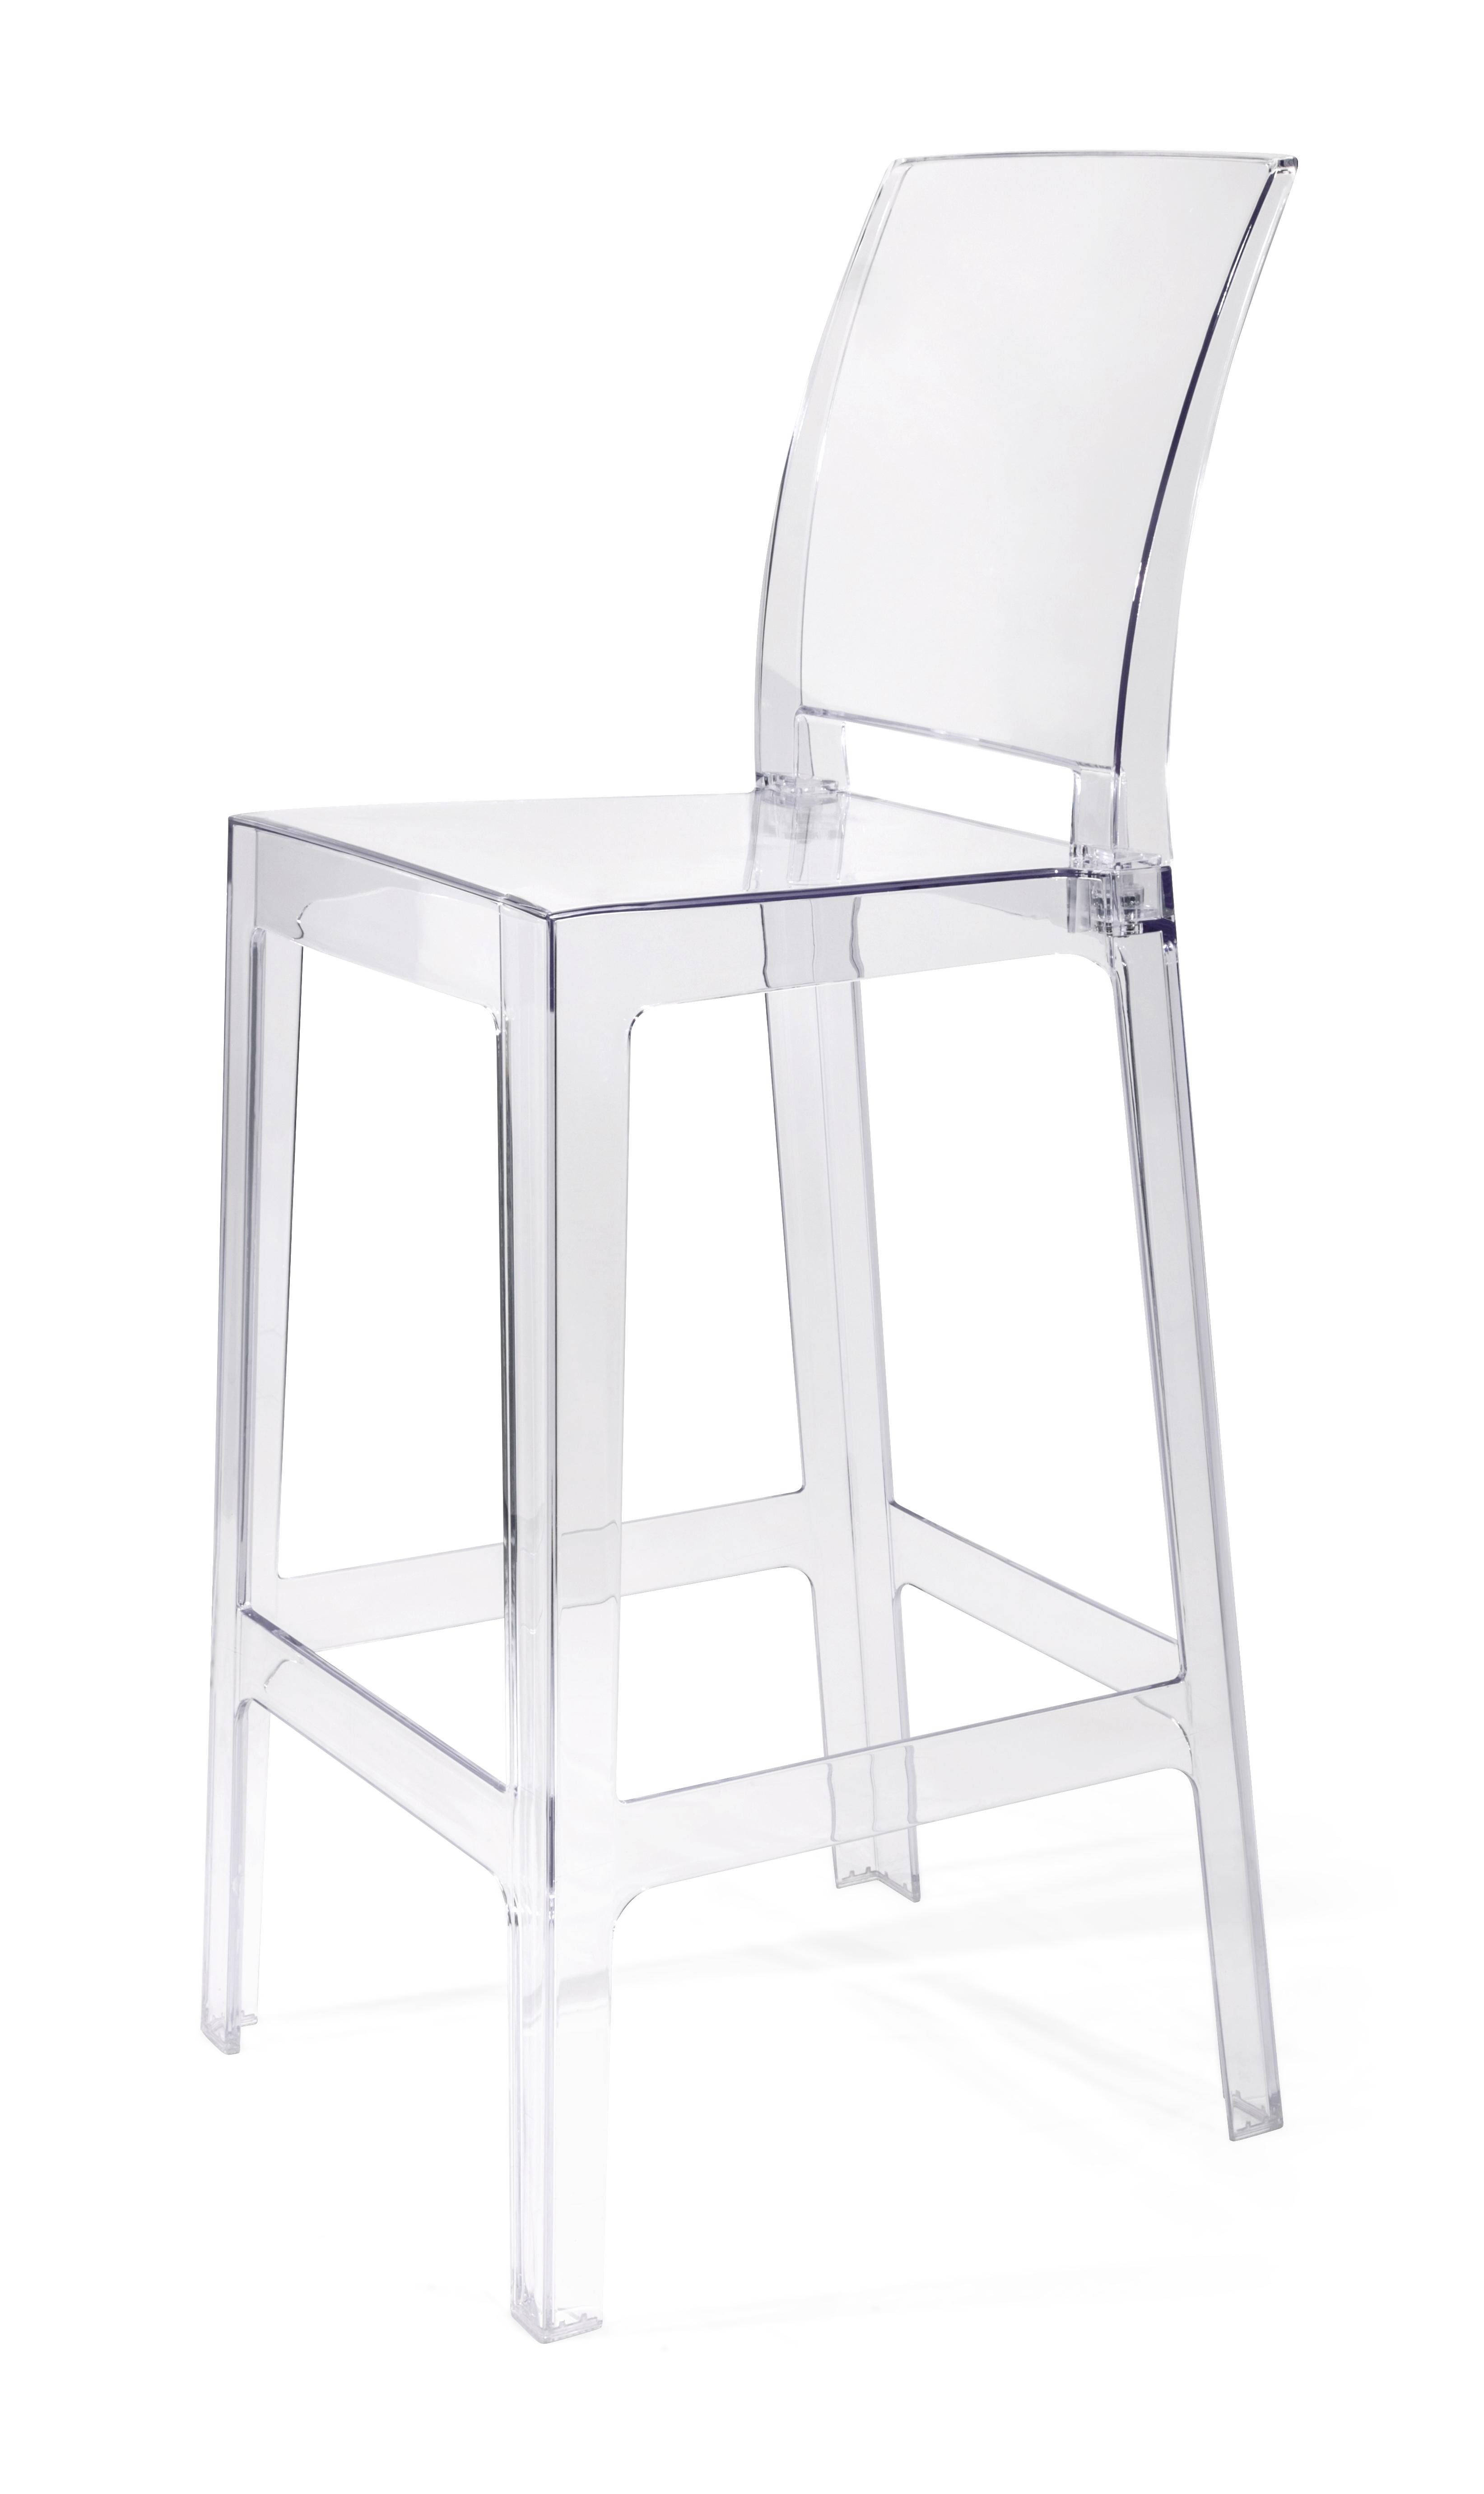 IMAX Vitreous bar chair